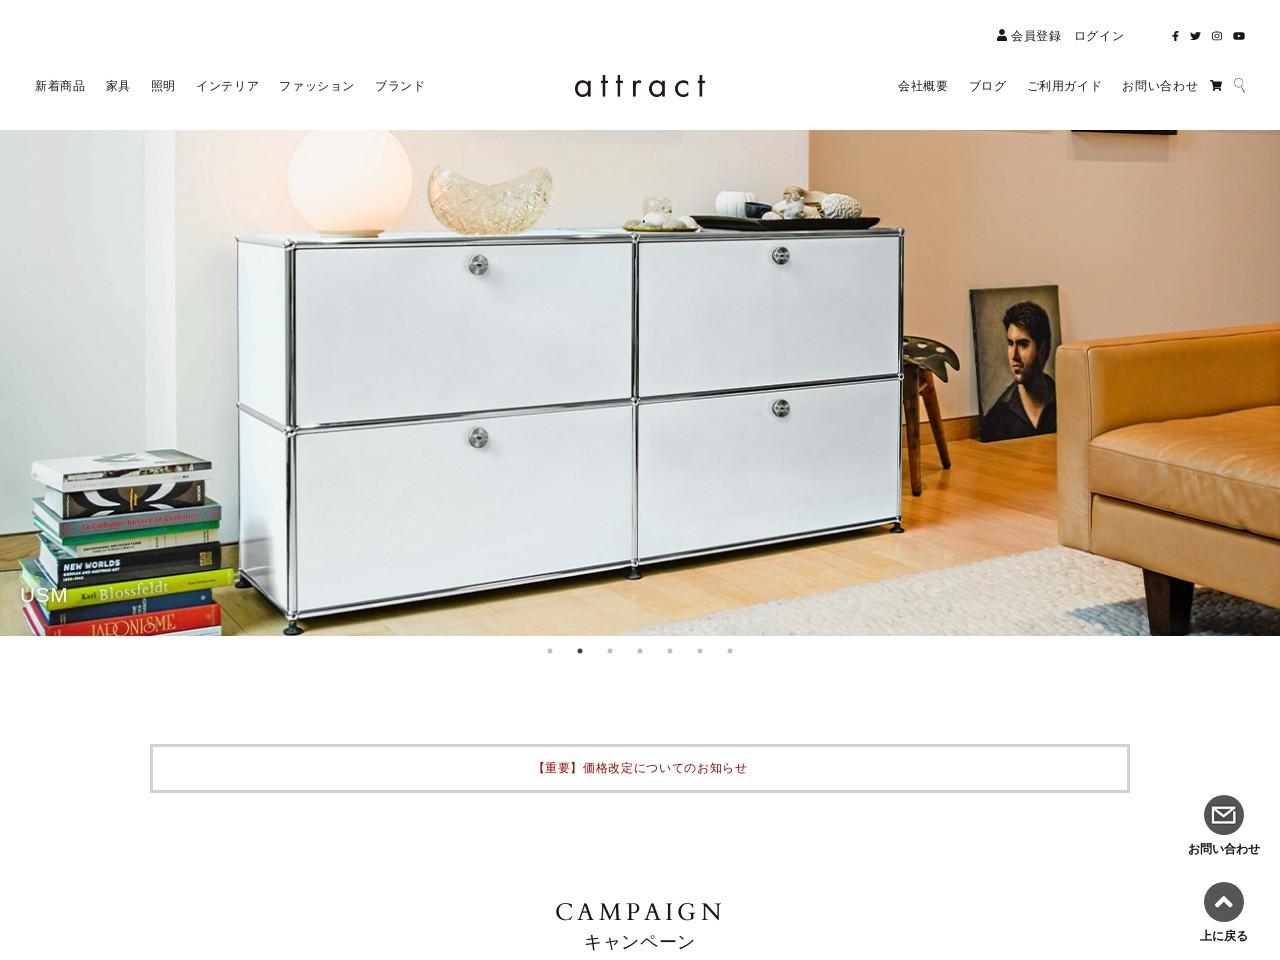 有限会社アトラクト オフィシャルサイト - attract official site